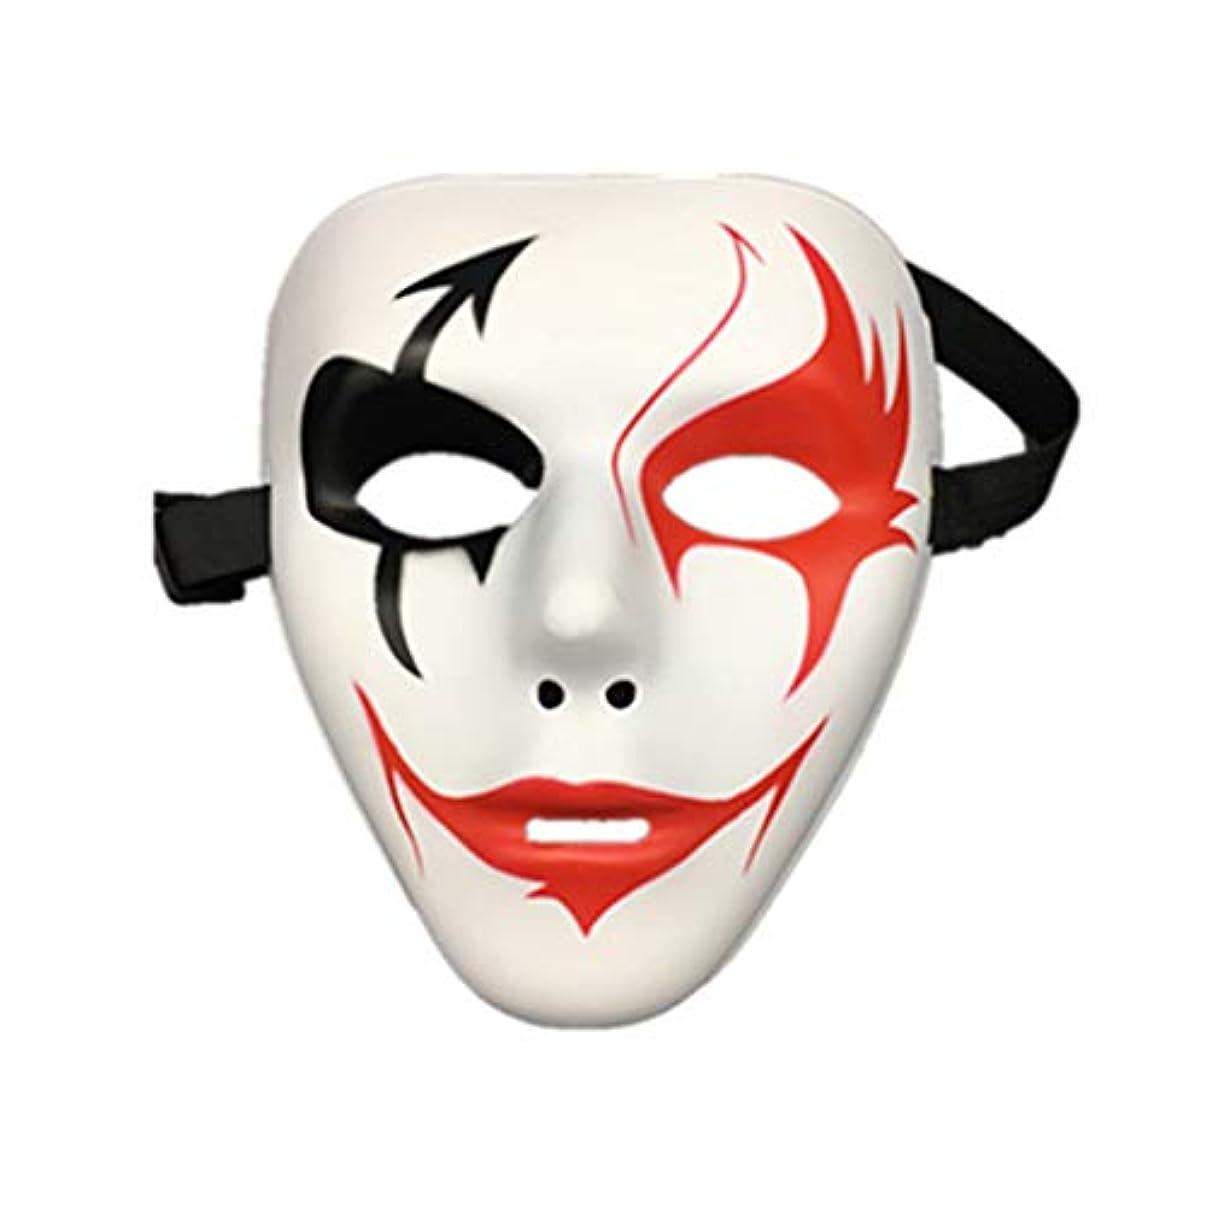 メジャー自我手術ハロウィンマスクフルフェイスストリートダンス振動マスク仮装変なマスクダンスマスク